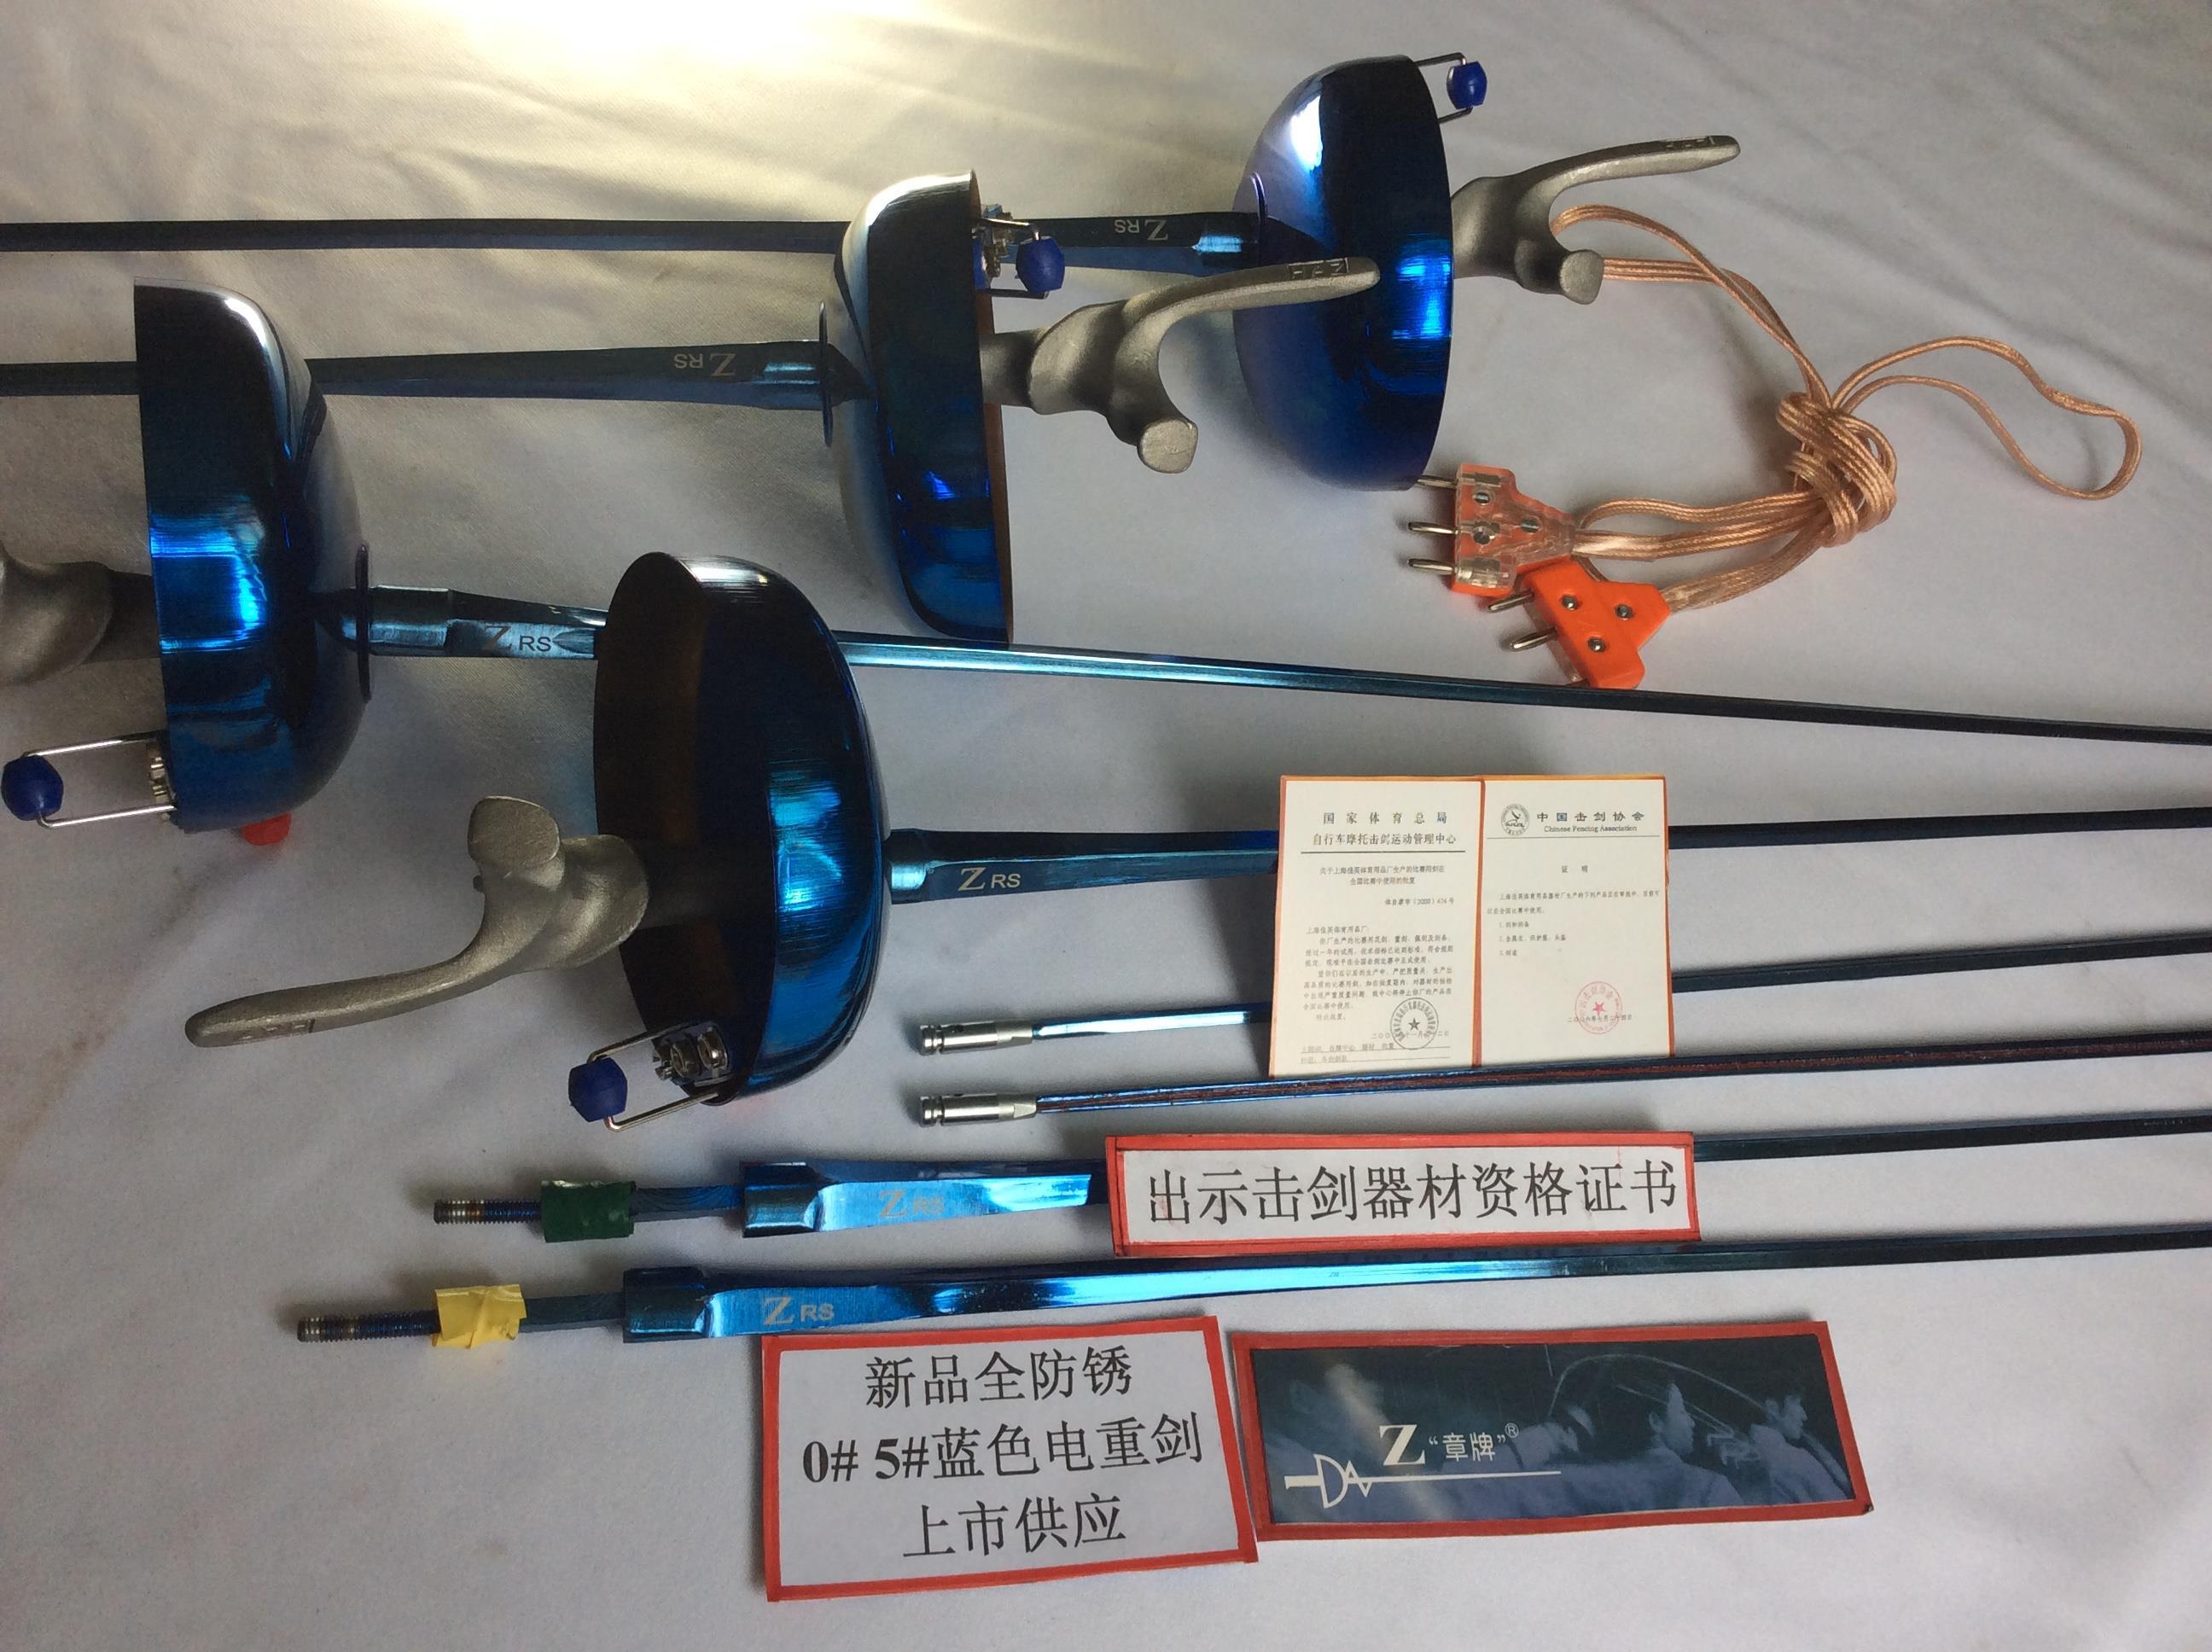 Новый товар новинка Оборудование для ограждения Zhangpai голубой Ржавеющая электрическая шпата( в подарок Прозрачная ручная линия)